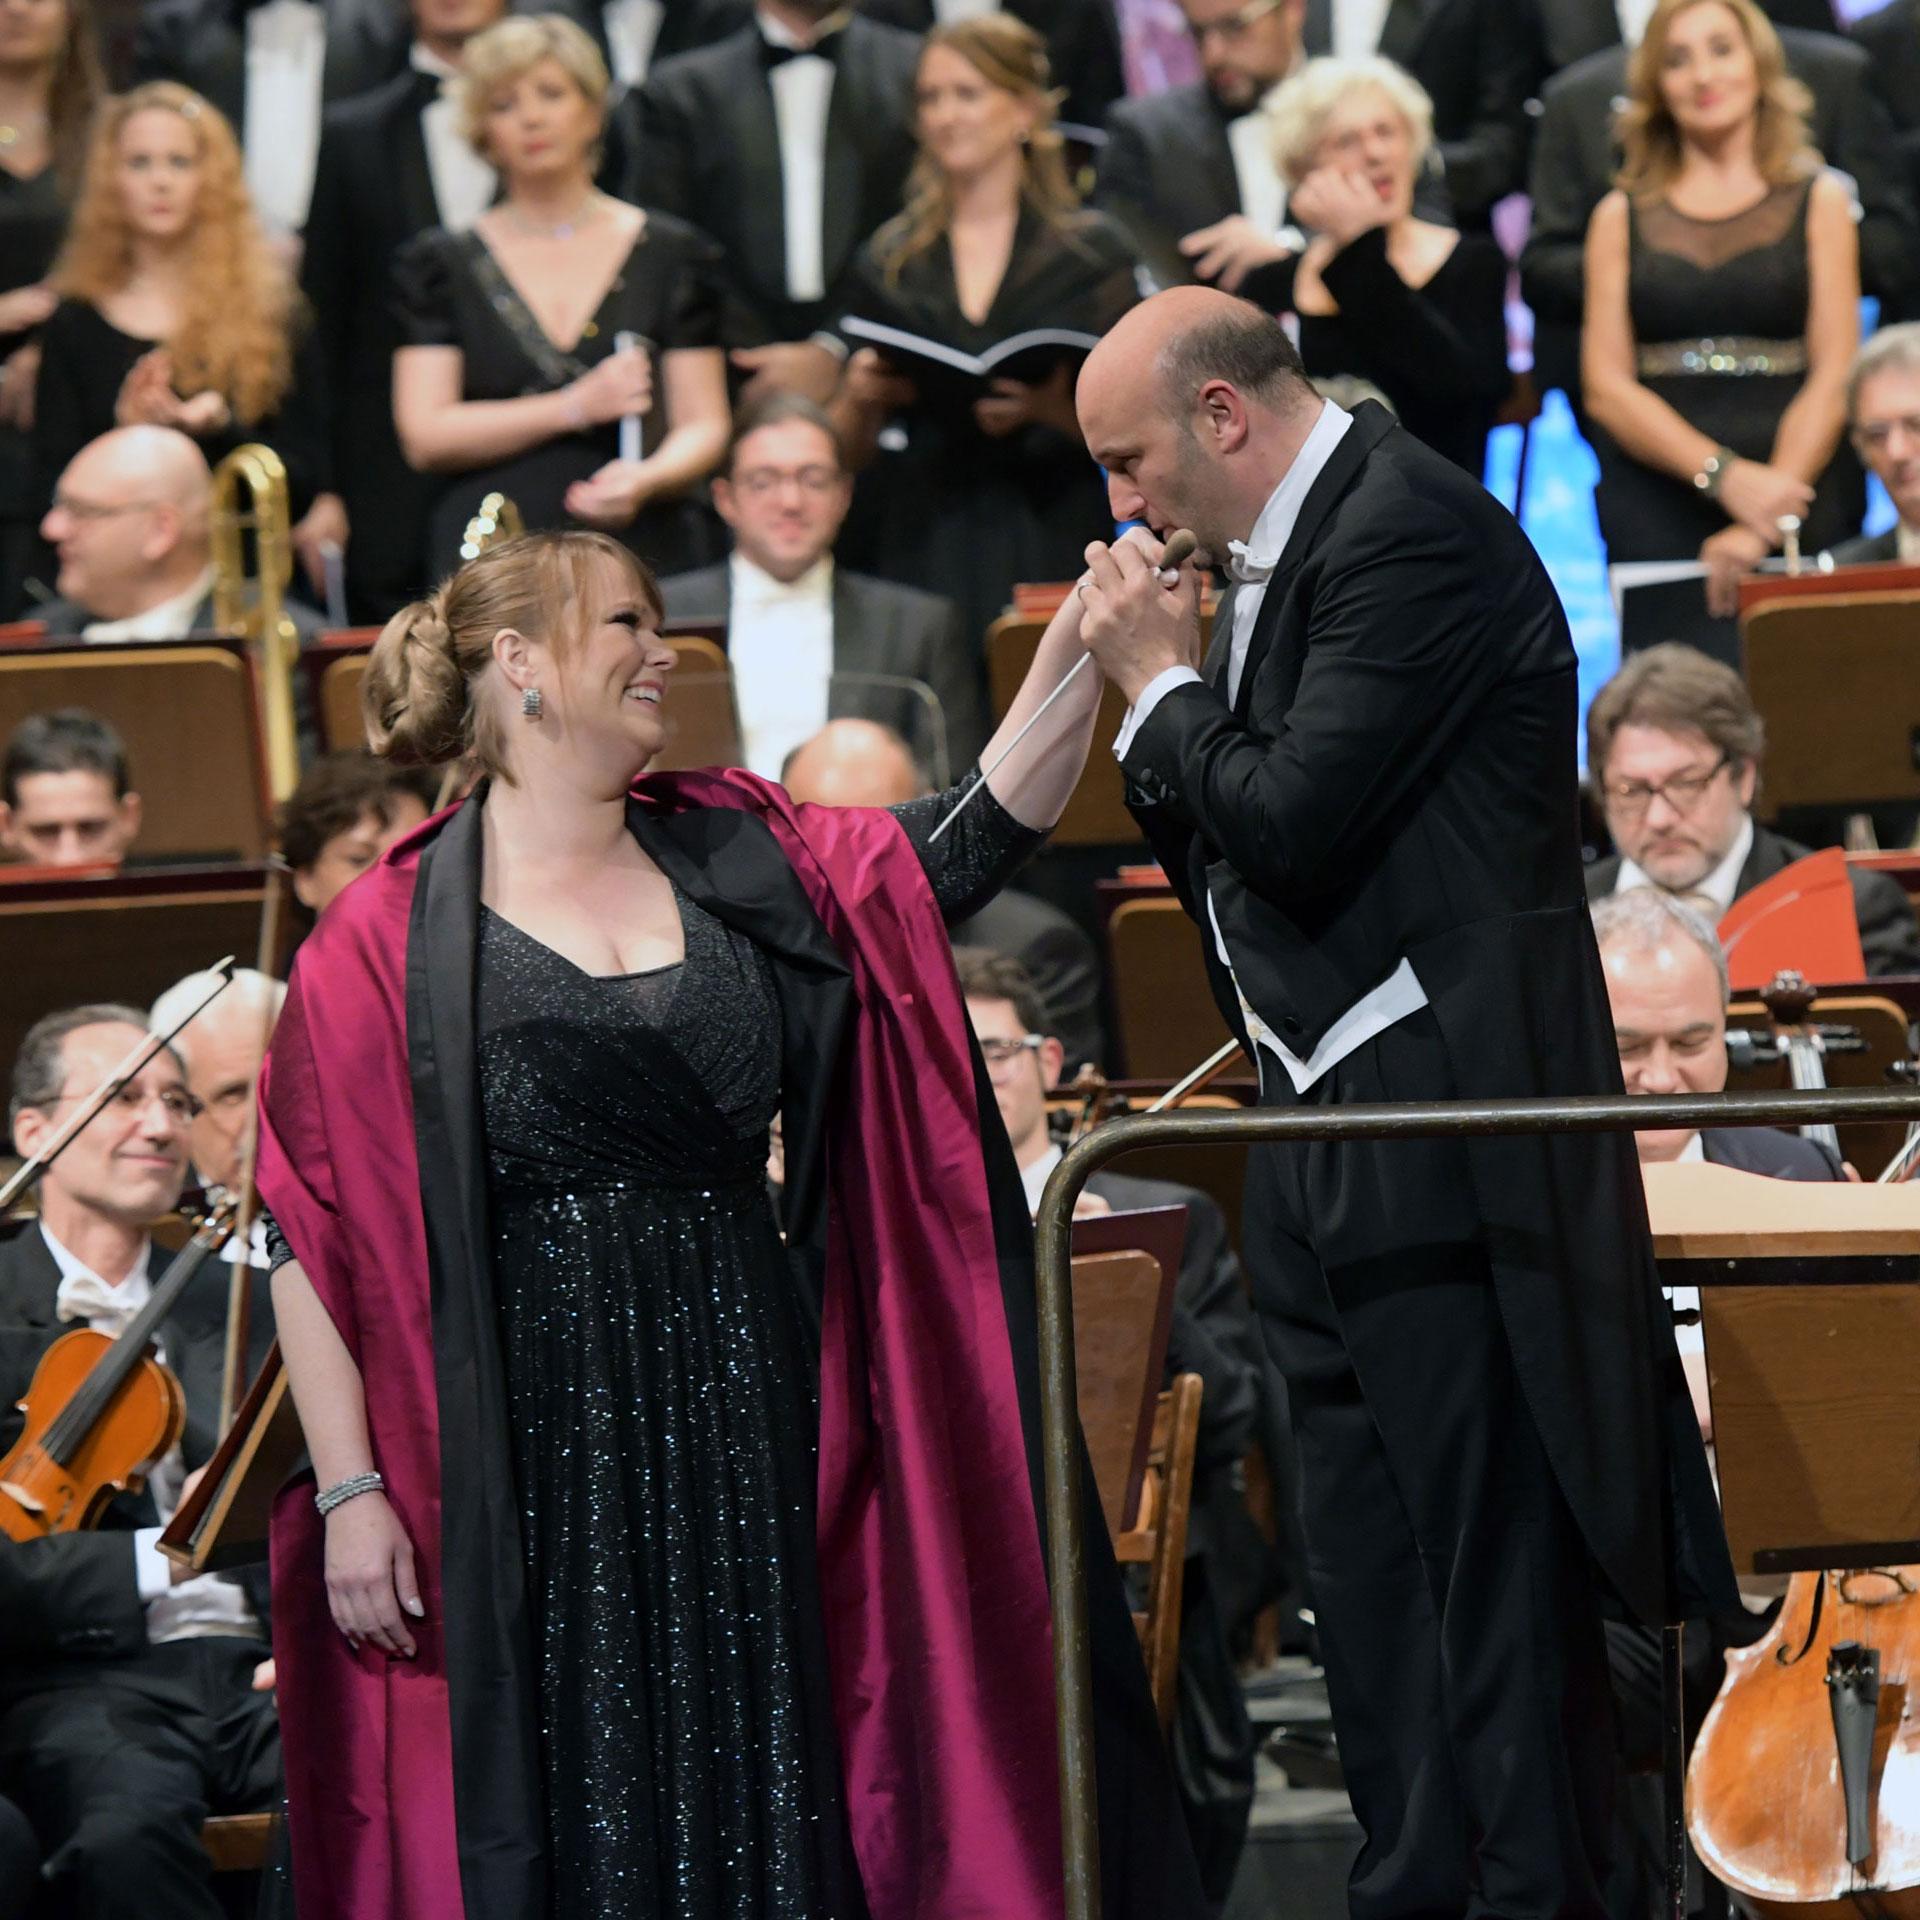 The culture of opera. D'orica at the Donizetti Opera Festival 2018.